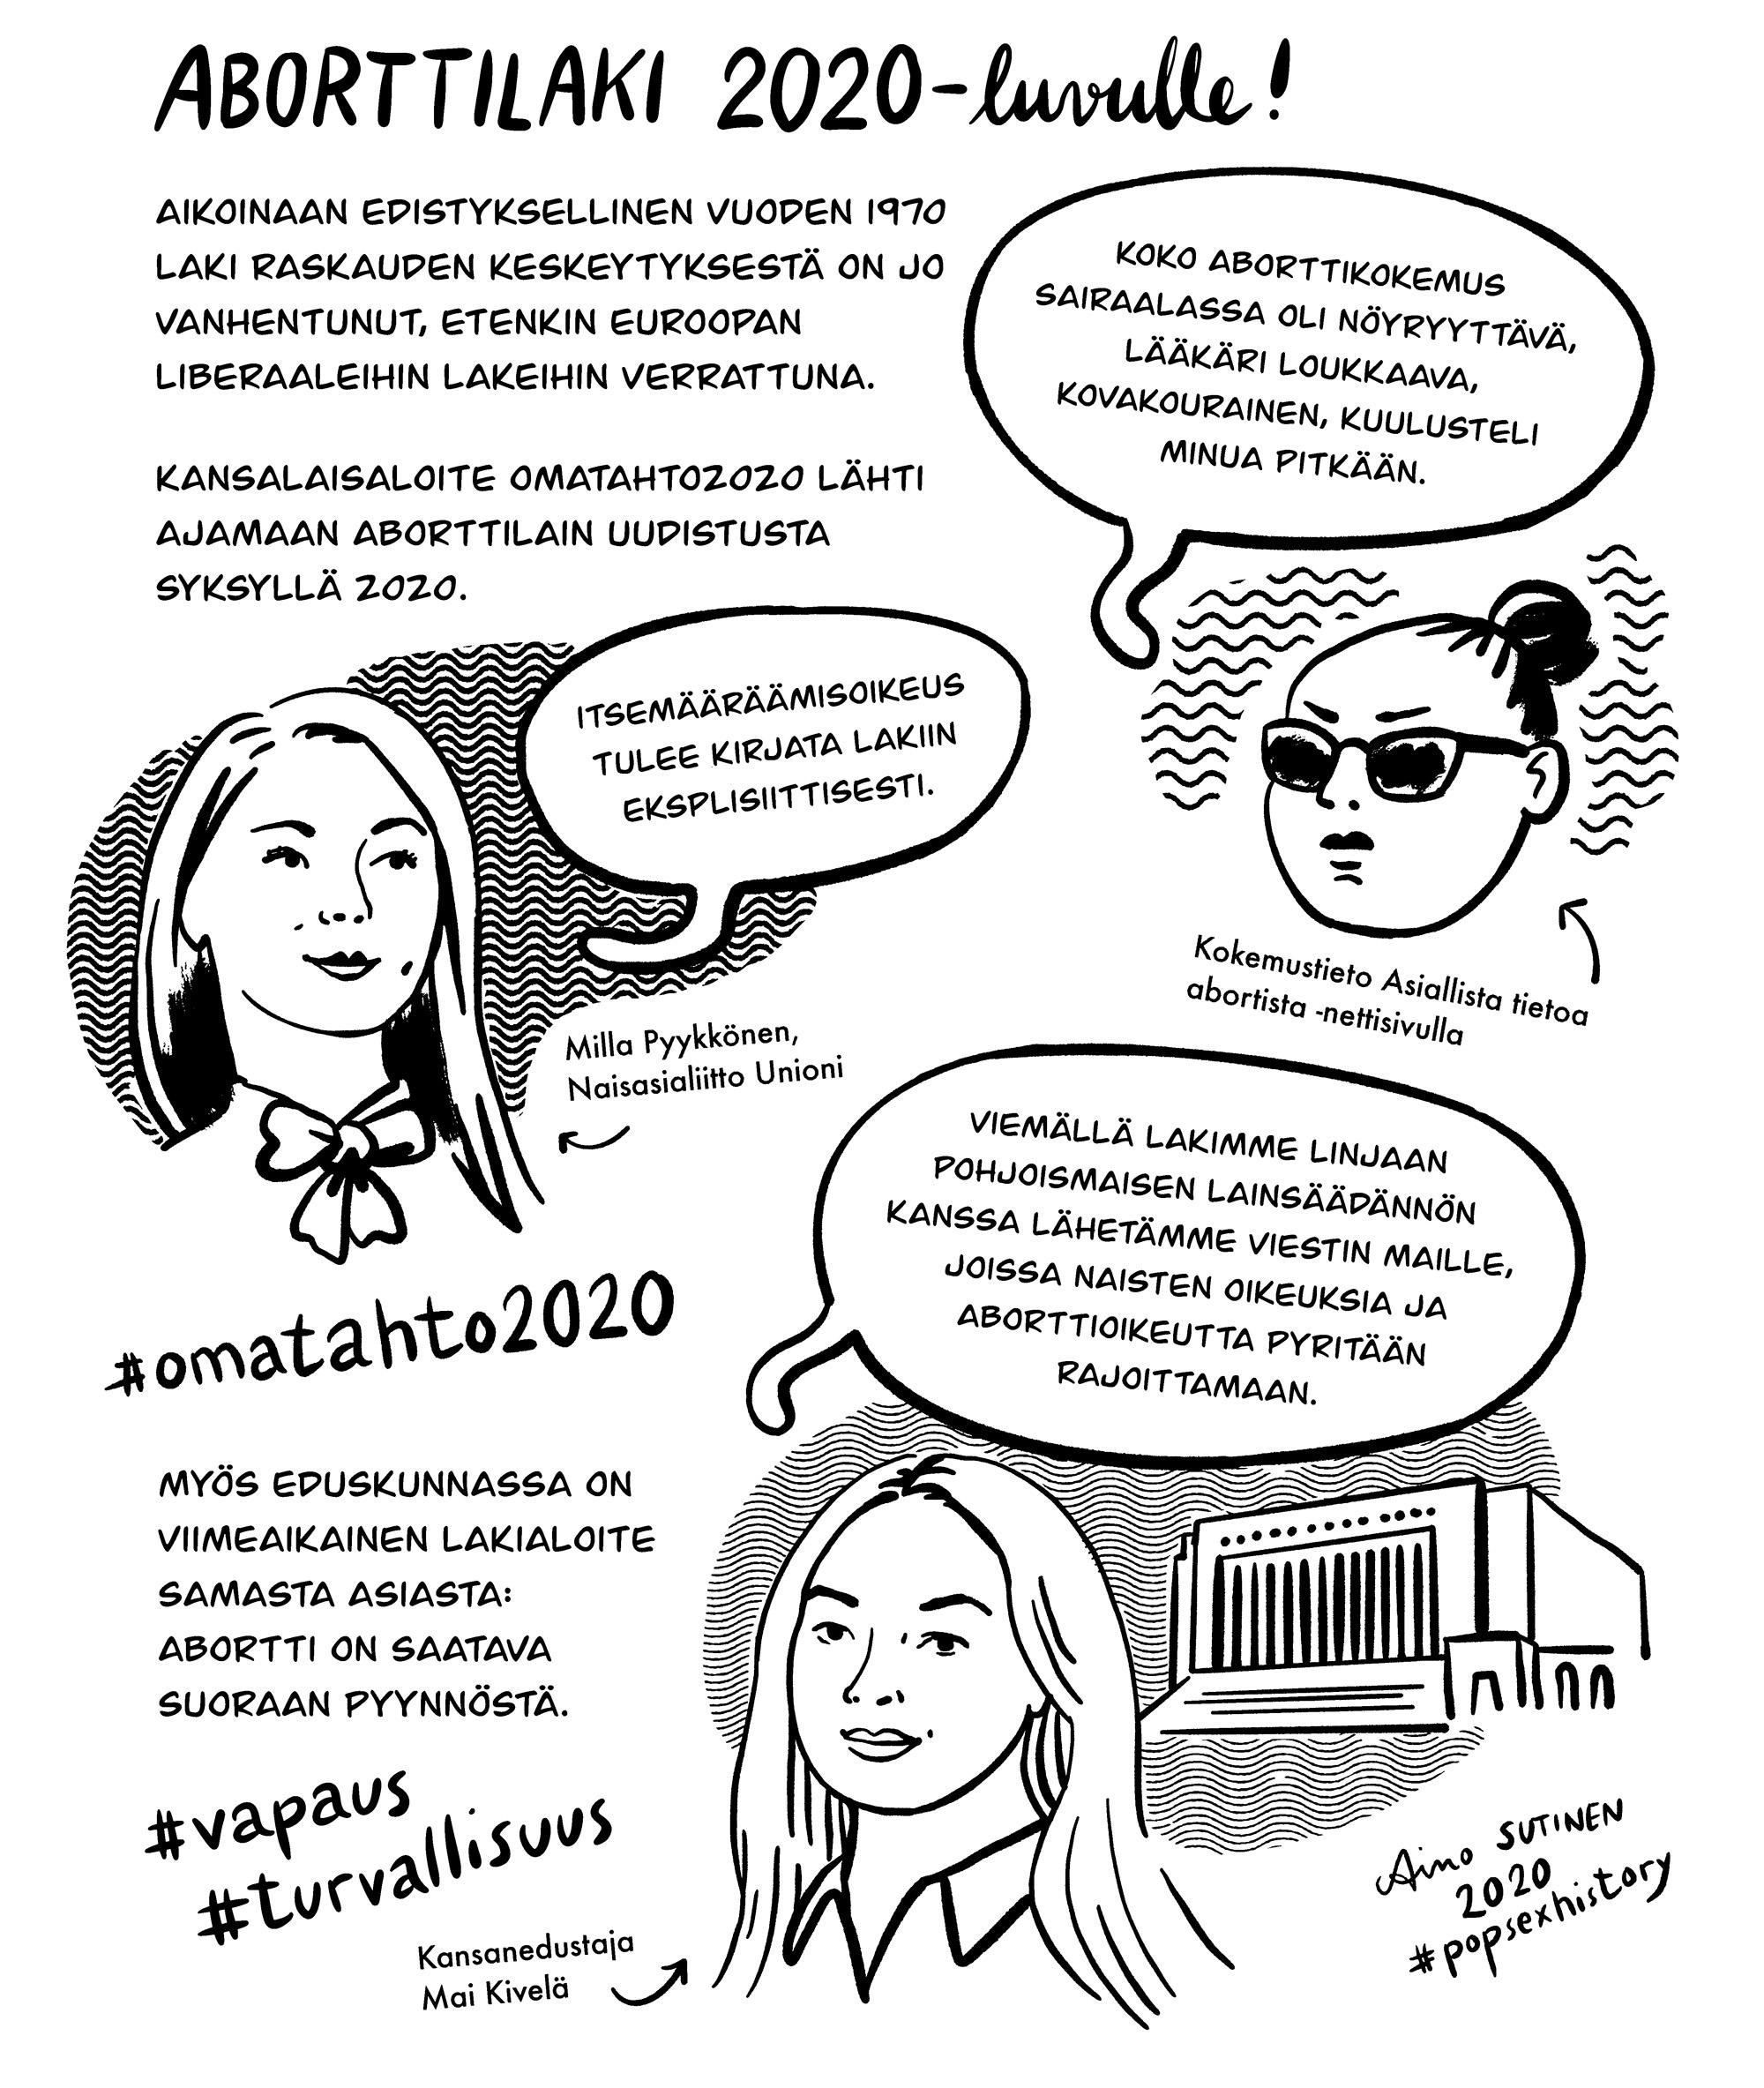 abortti14-omatahto2020-web